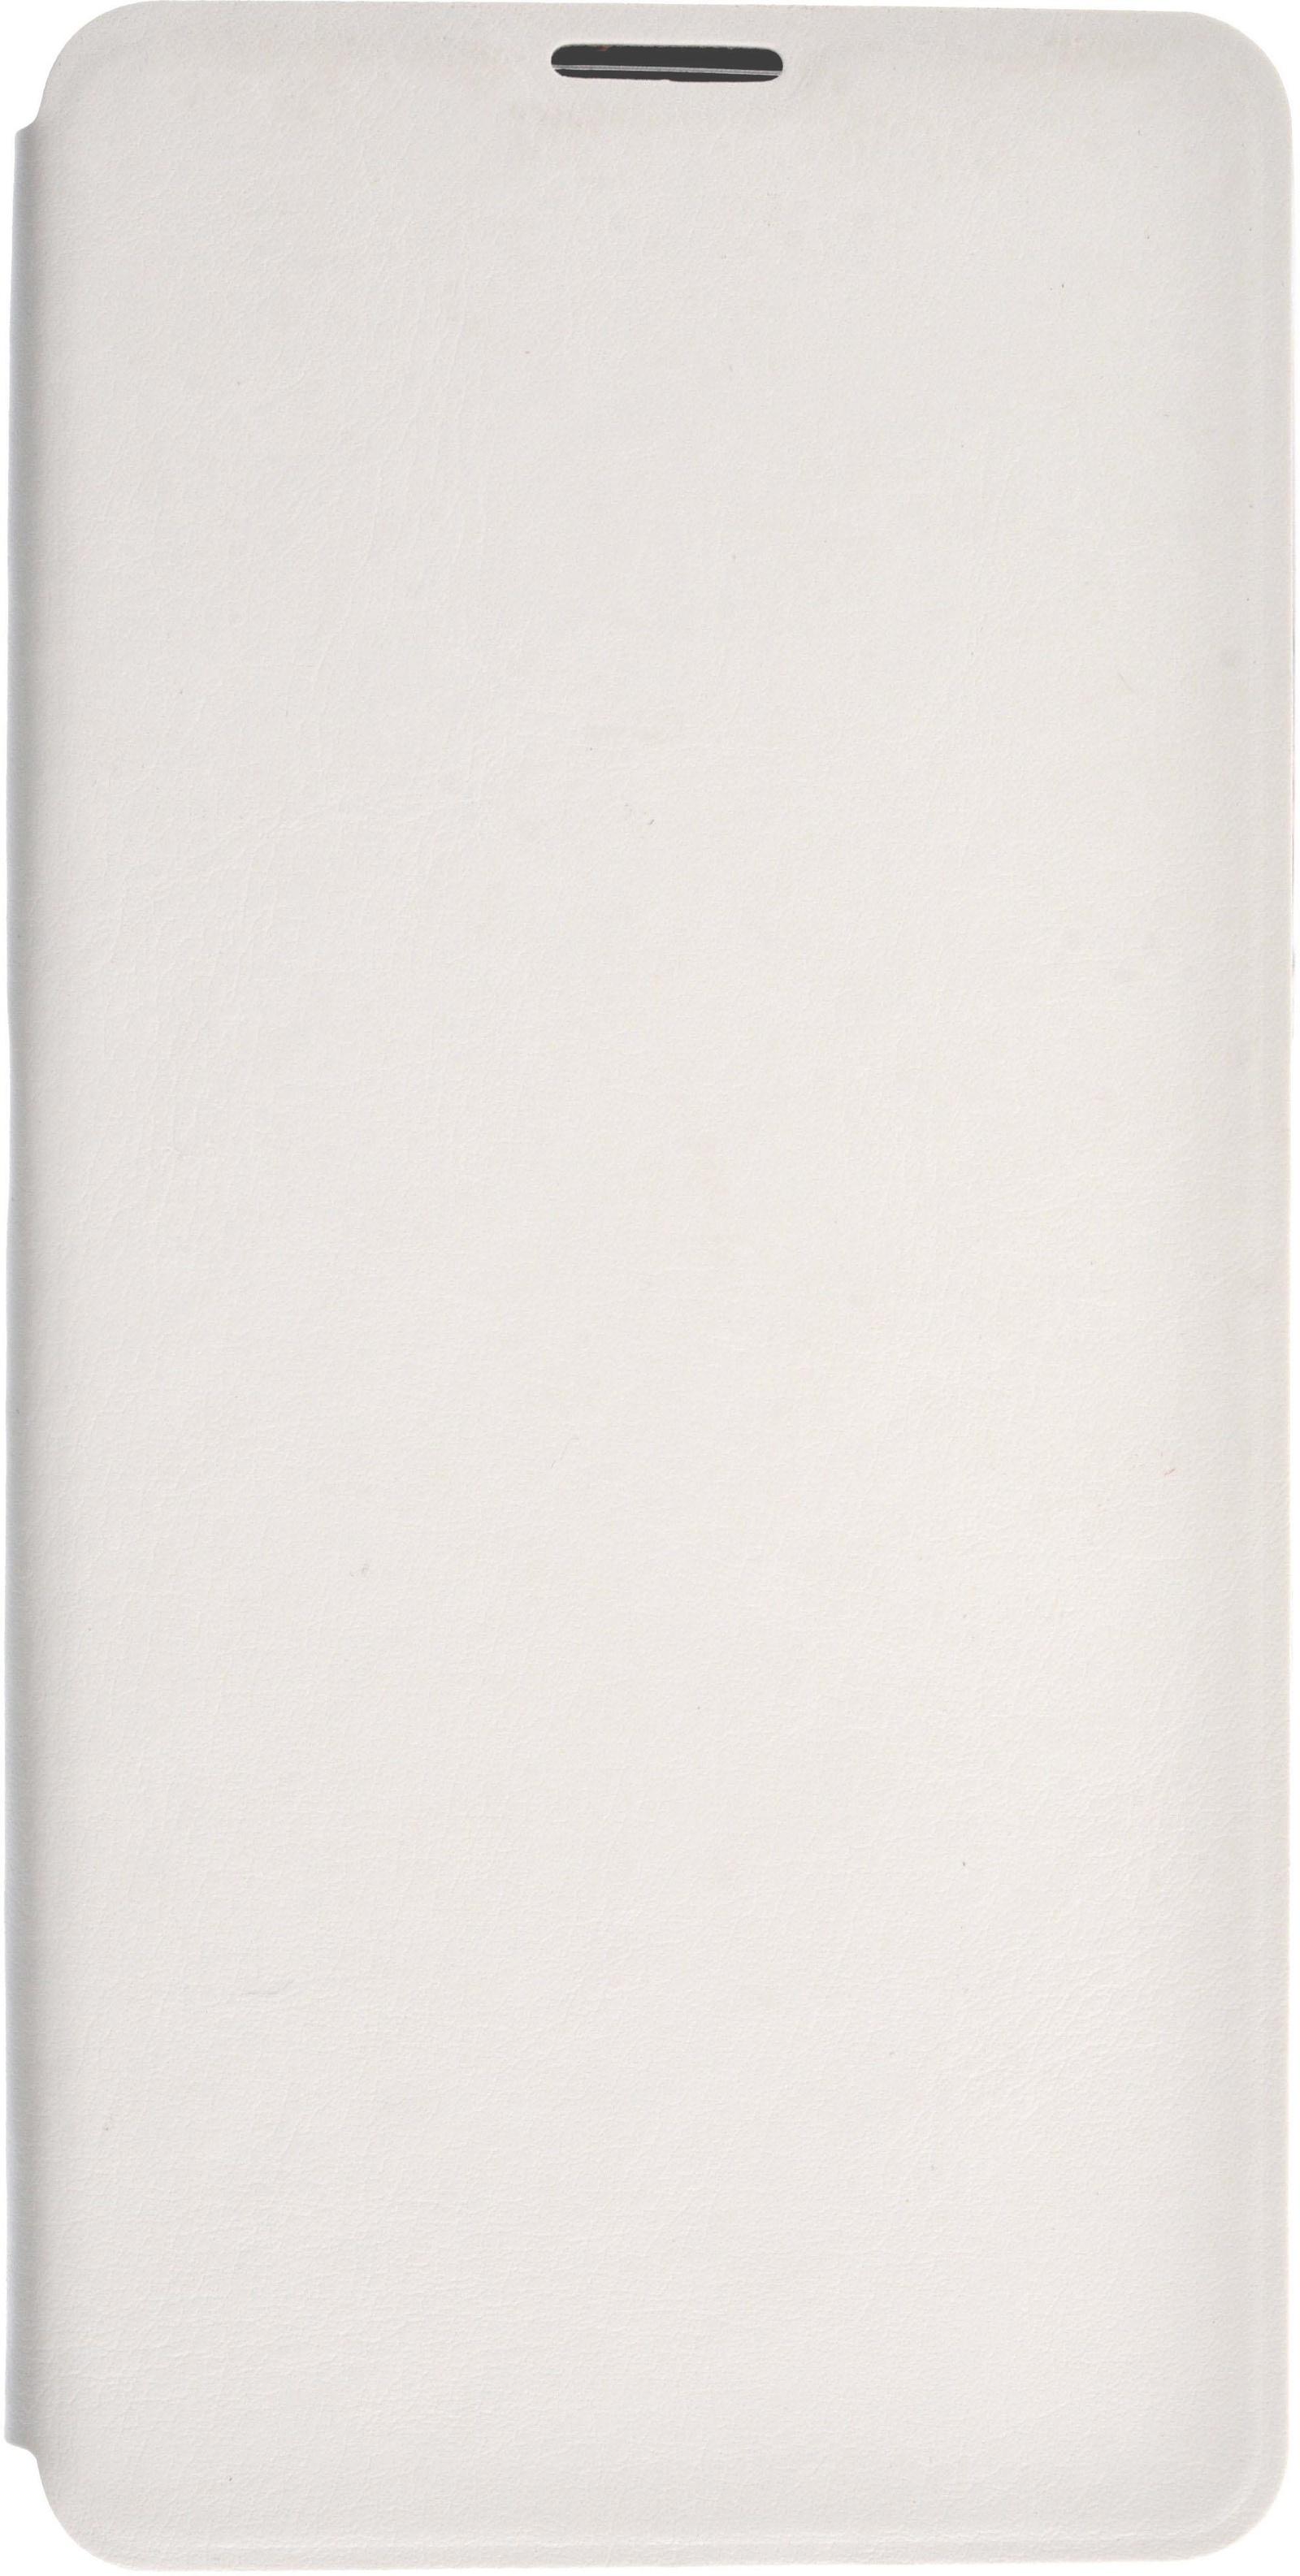 Чехол для сотового телефона skinBOX Lux, 4630042527416, белый nokia cc 3096 чехол для lumia 435 532